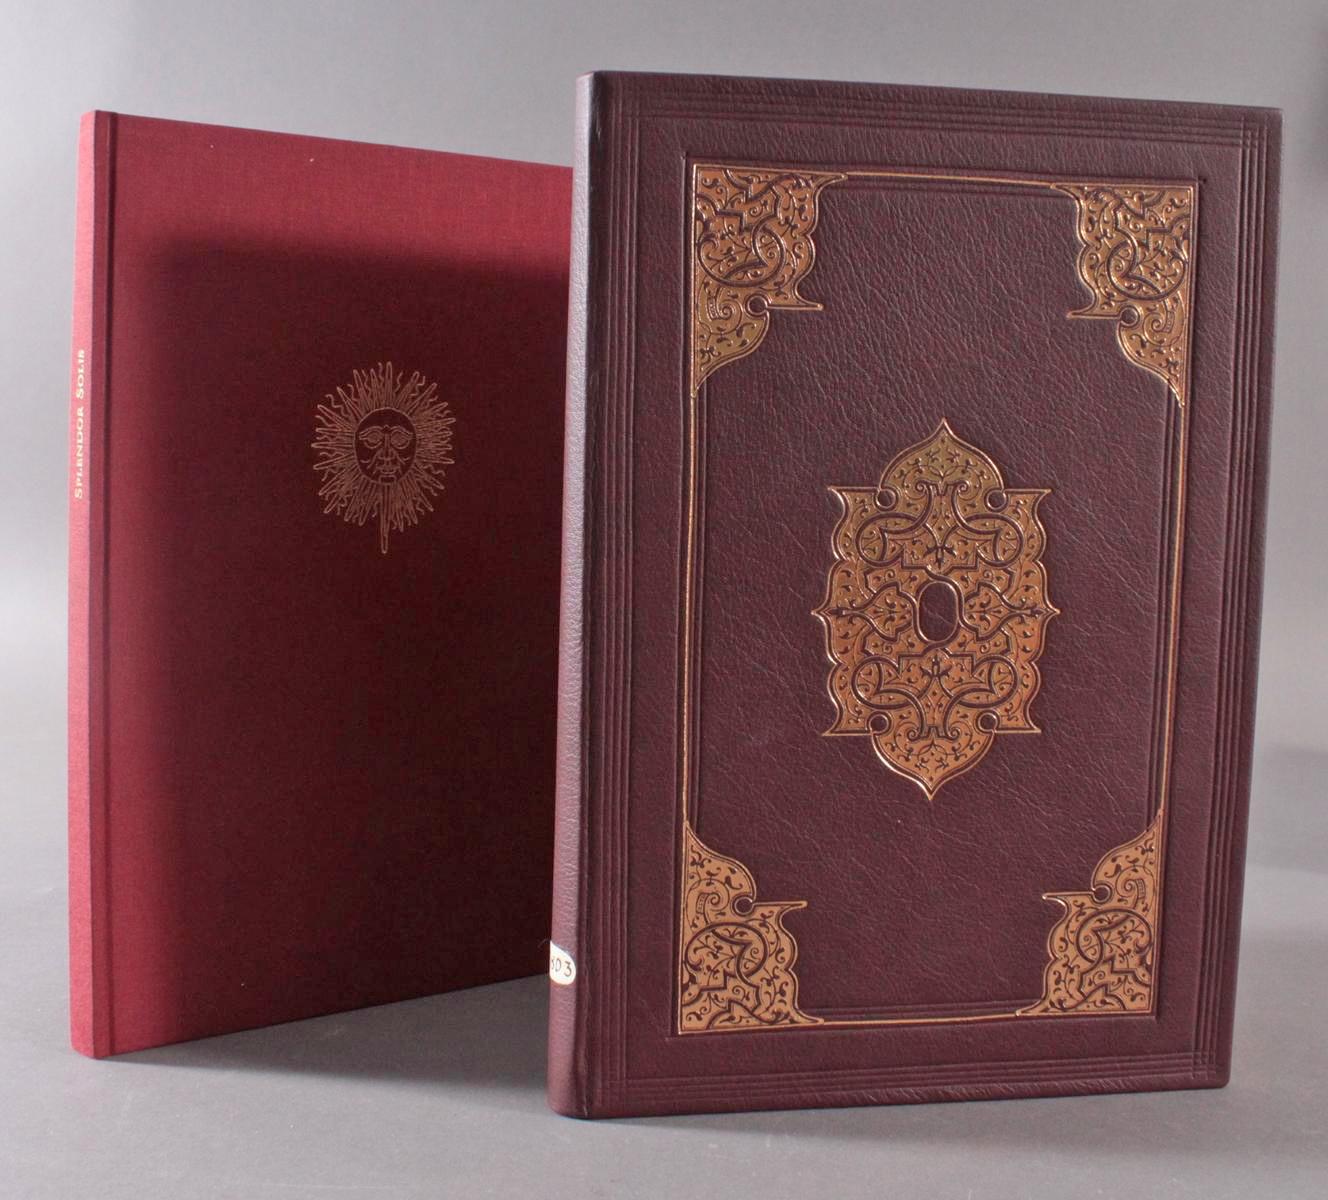 Faksimile, Biblia 1630 Das neue Testamen durch Martin Luther verdeutscht, Splendor Solis-5